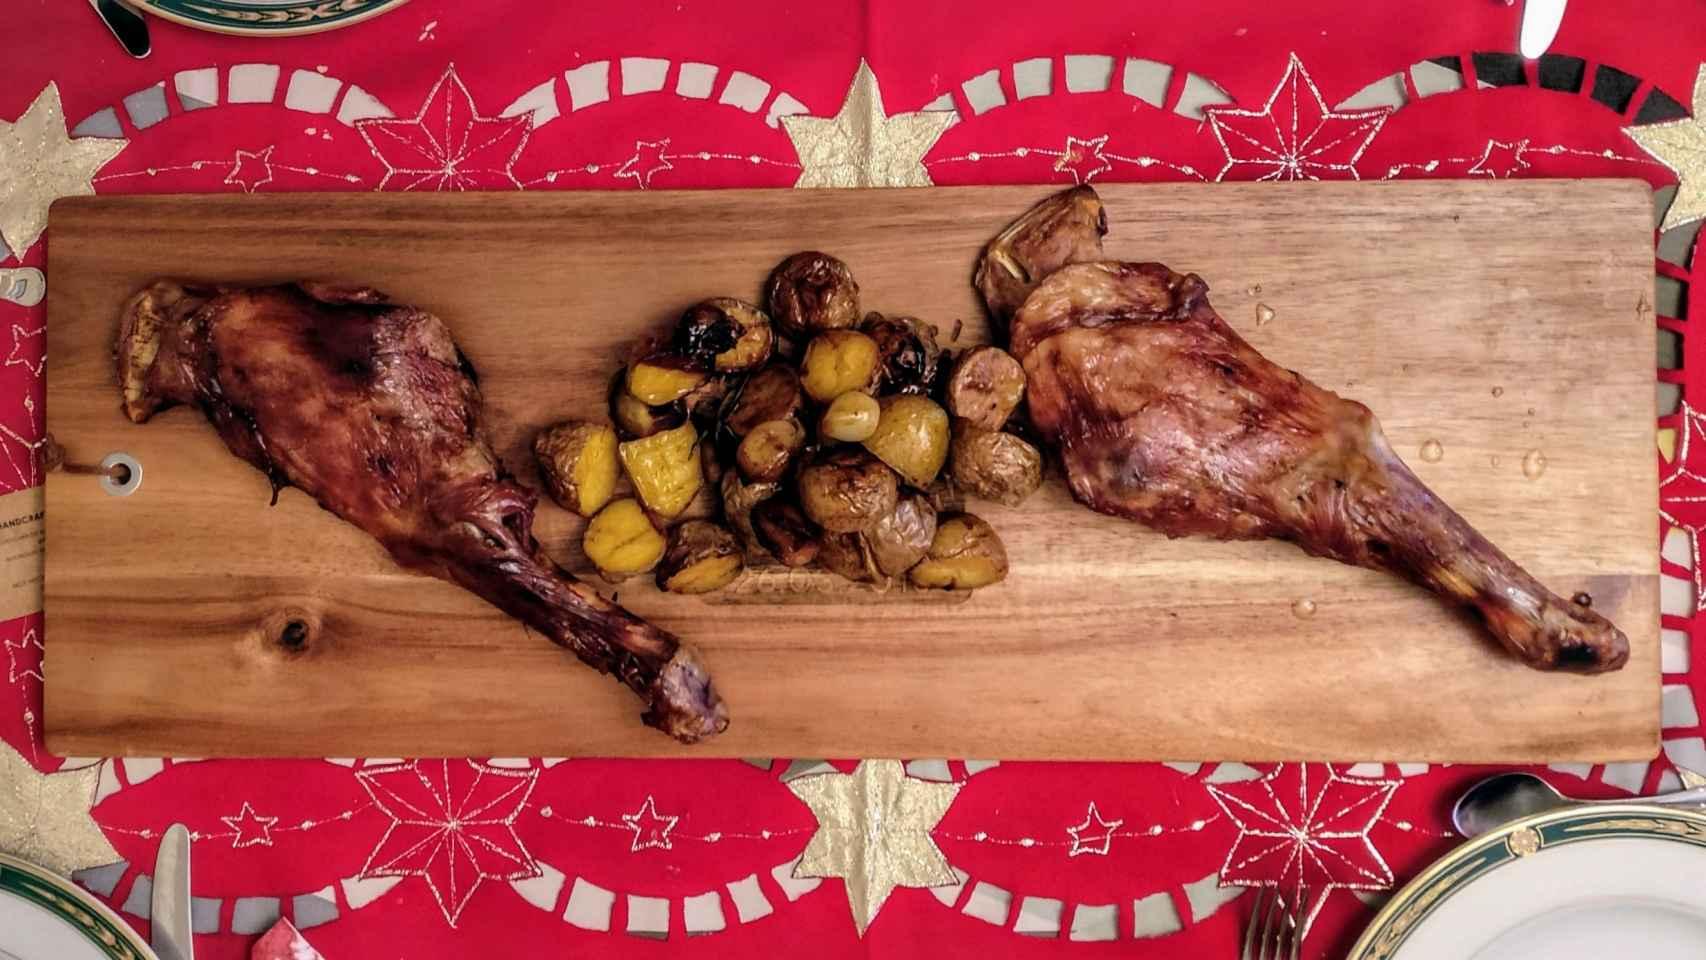 Comer bien sin cocinar en Navidades: comida para pedir, guardar y preparar en minutos